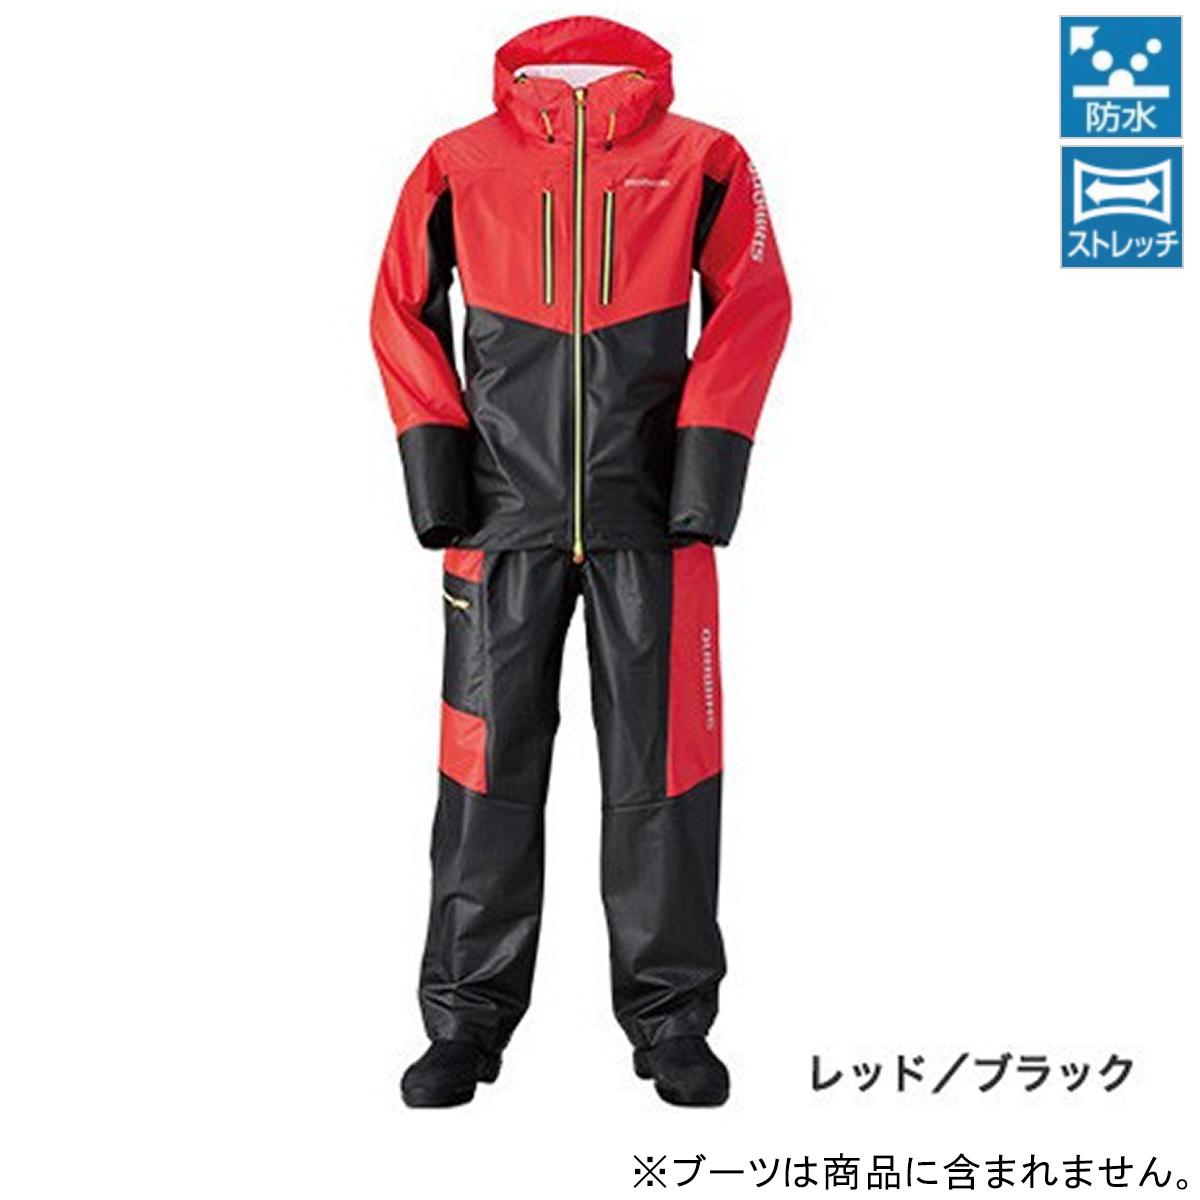 シマノ マリンライトスーツ RA-034N M レッド/ブラック